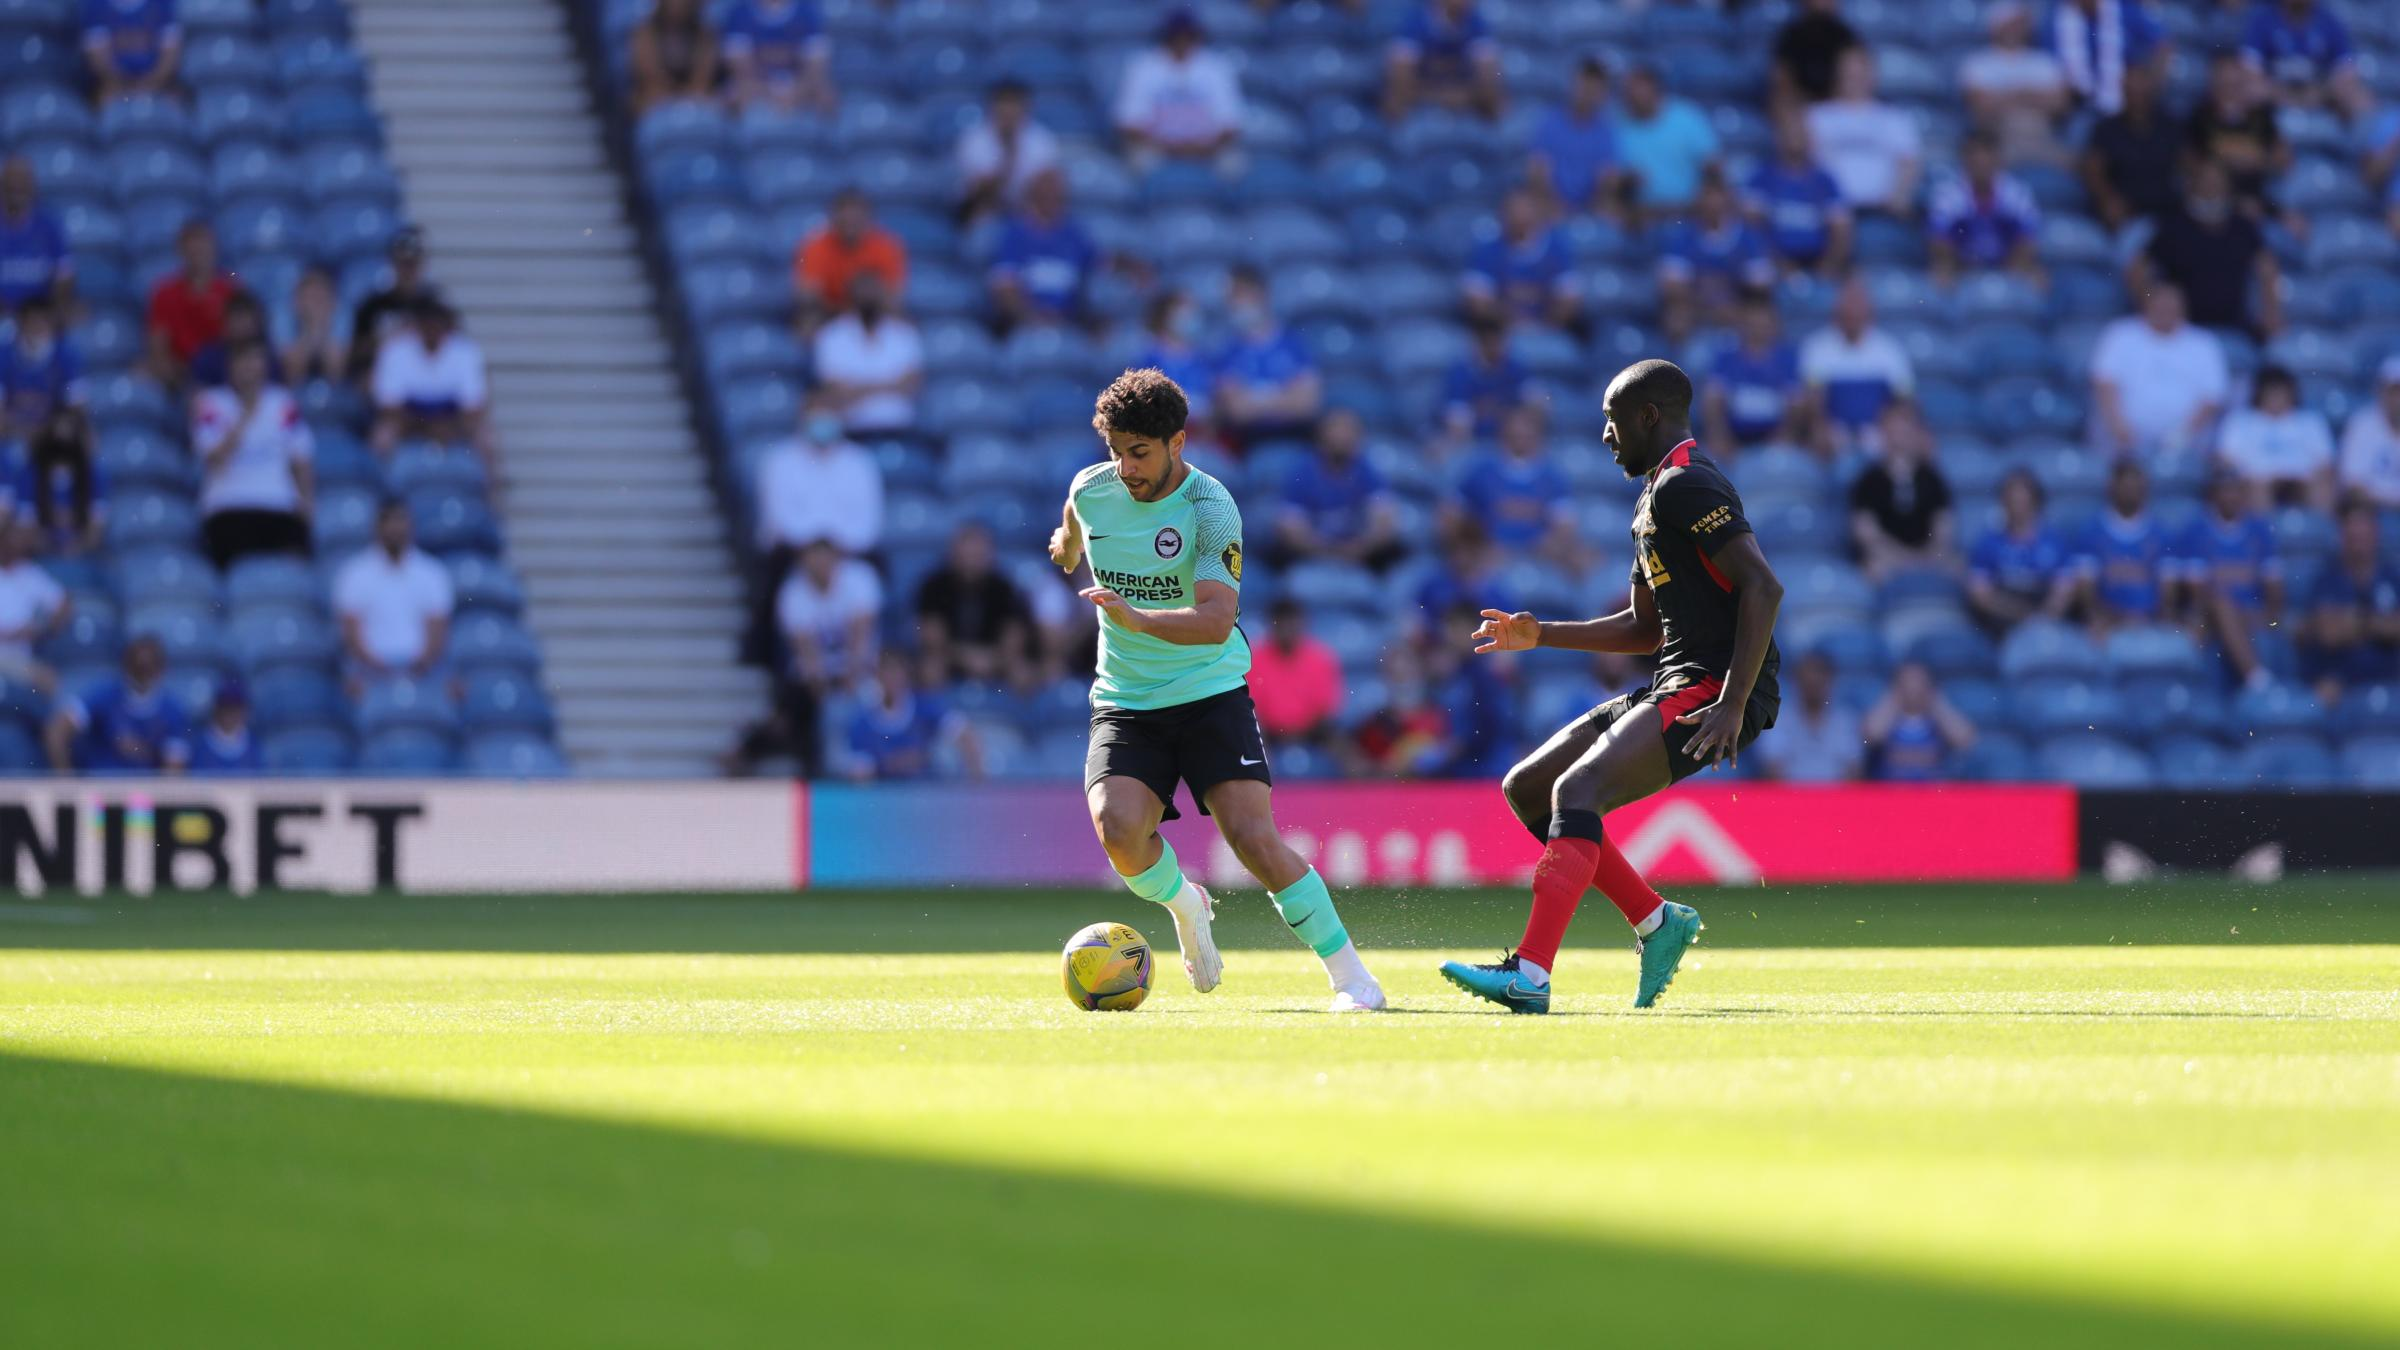 Tony Mowbray mengungkapkan pengejaran Reda Khadra Blackburn Rovers